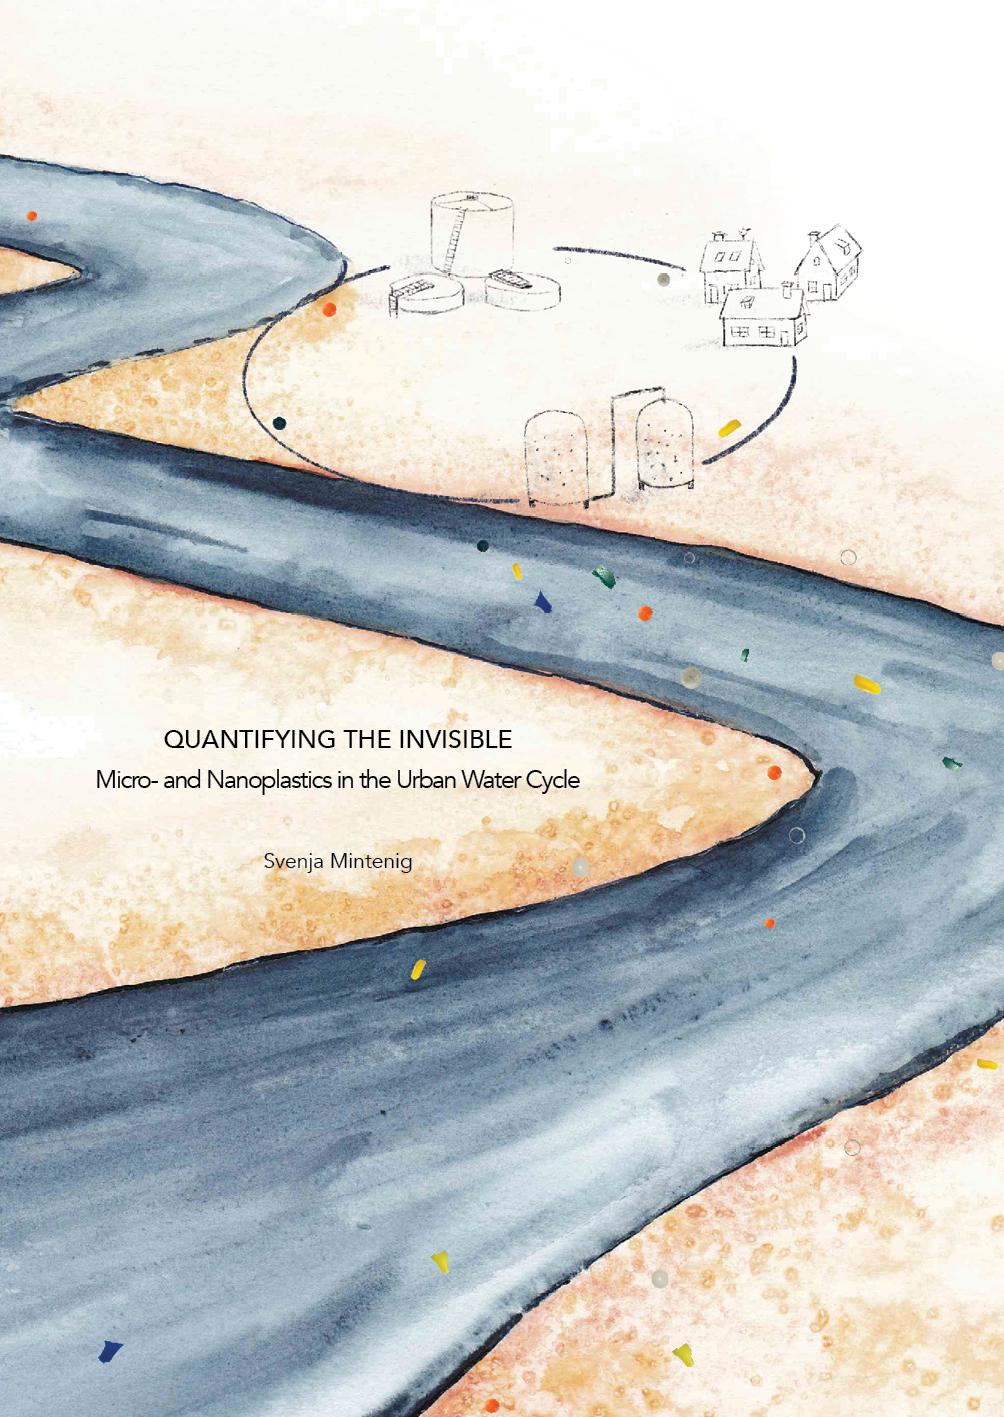 Front cover PhD thesis Svenja Mintenig by © Elma Hogeboom 2021